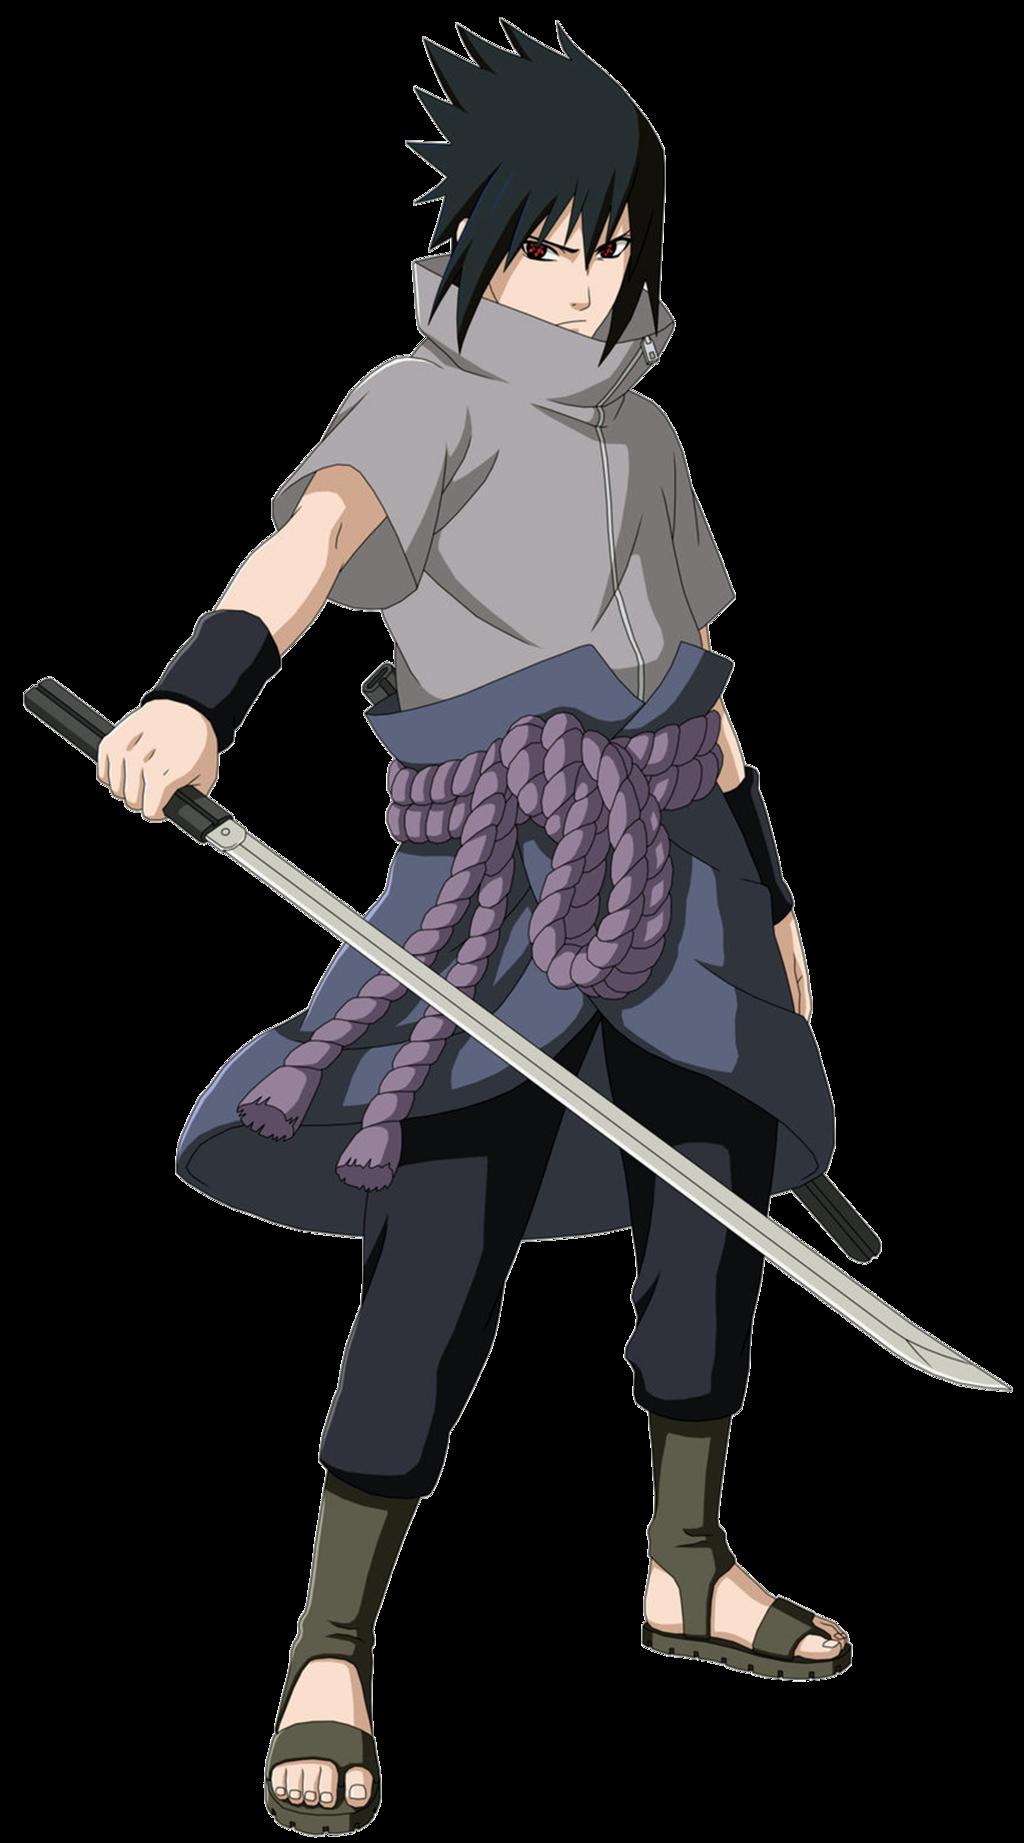 Sasuke.png - Sasuke PNG